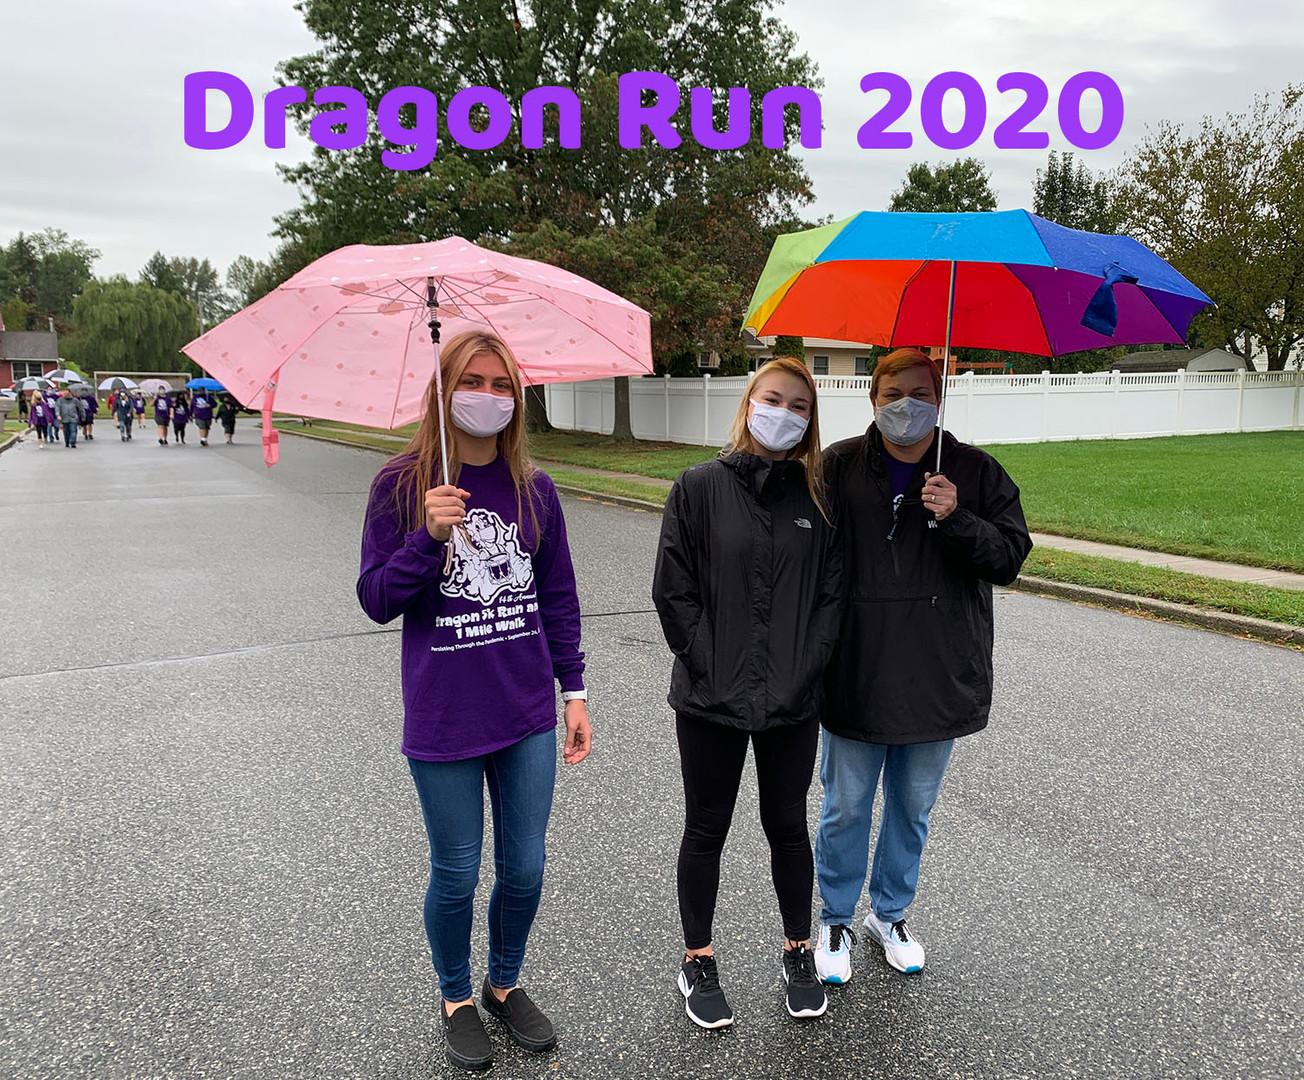 dragonrun2020slide.jpg